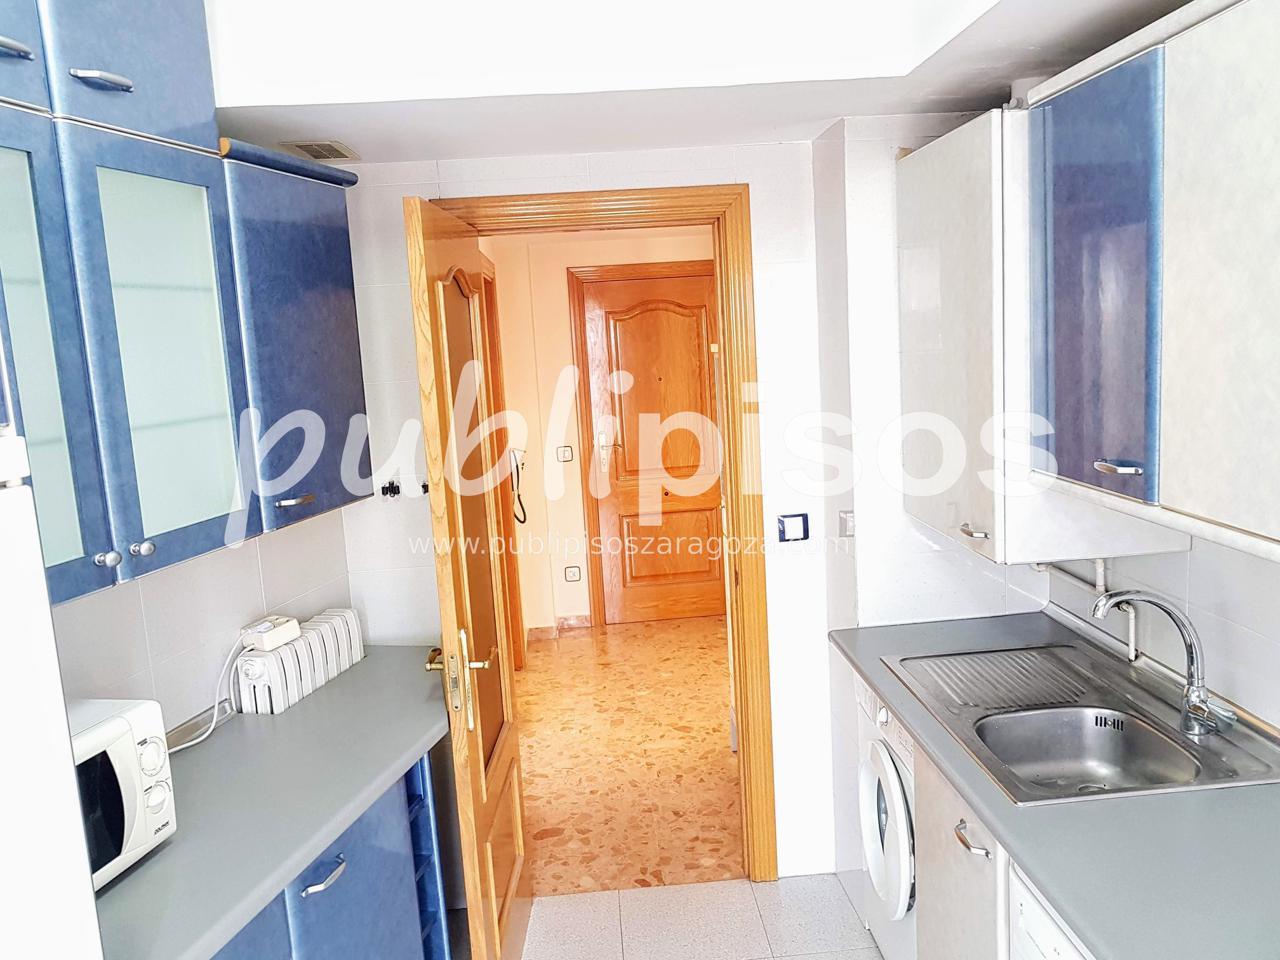 Piso alquiler con garaje y vistas centro Zaragoza-11